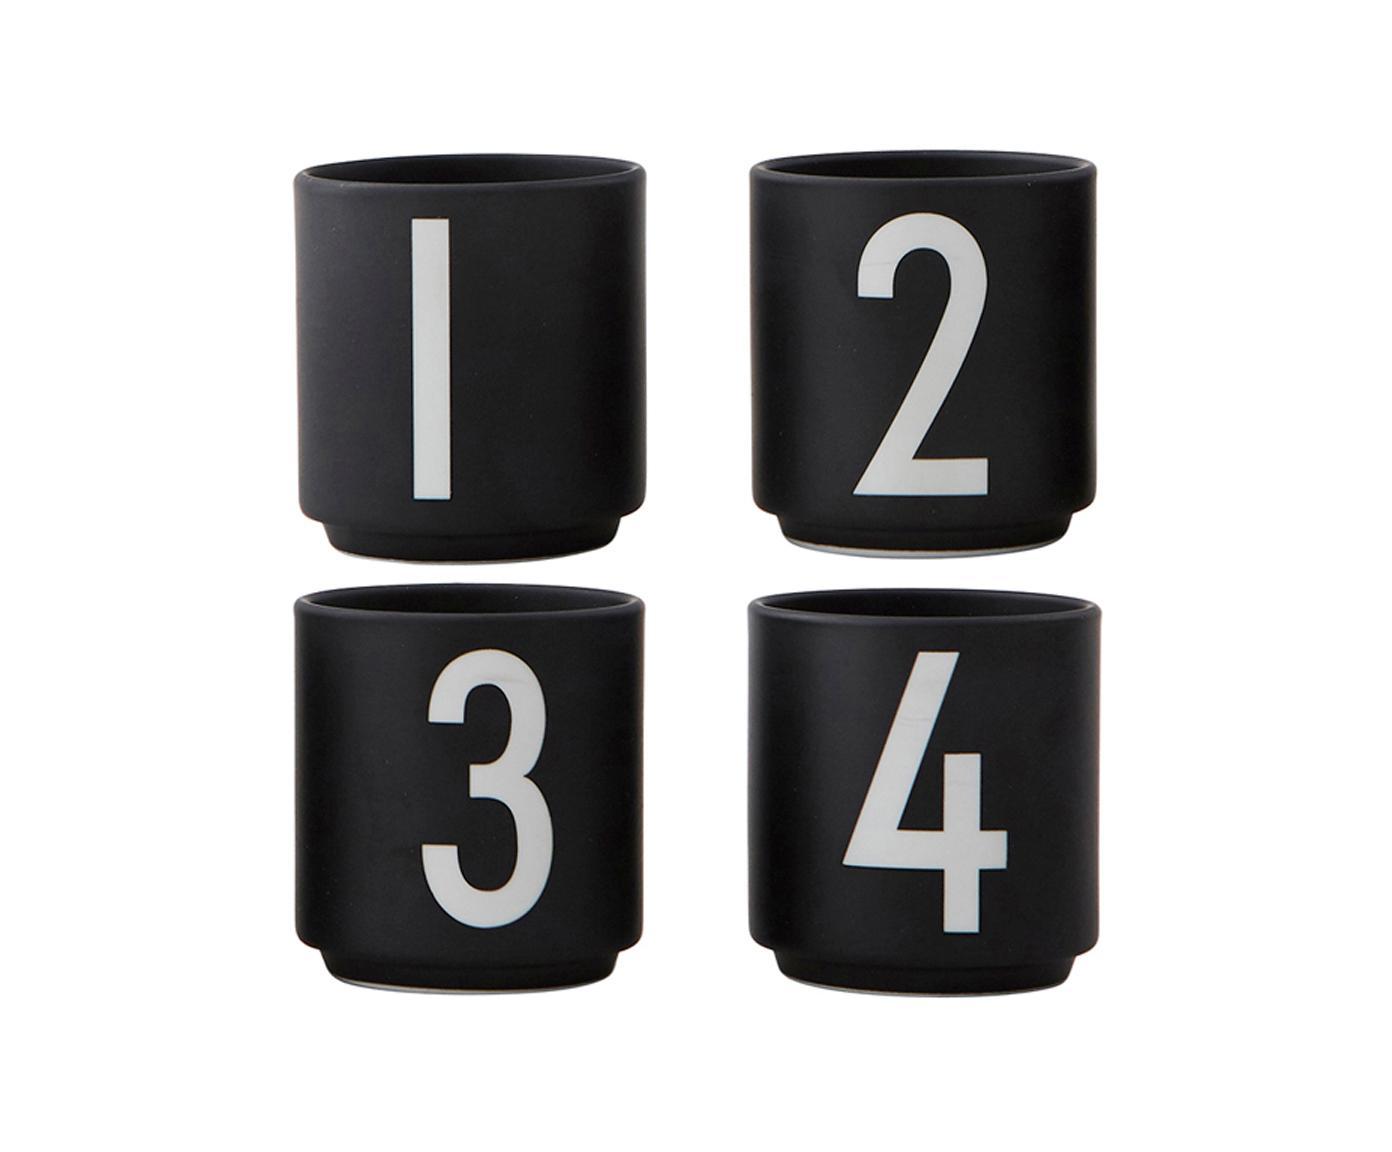 Espressobekerset 1234, 4 delig, Beenderporselein, Zwart, wit, Ø 5 x H 6 cm